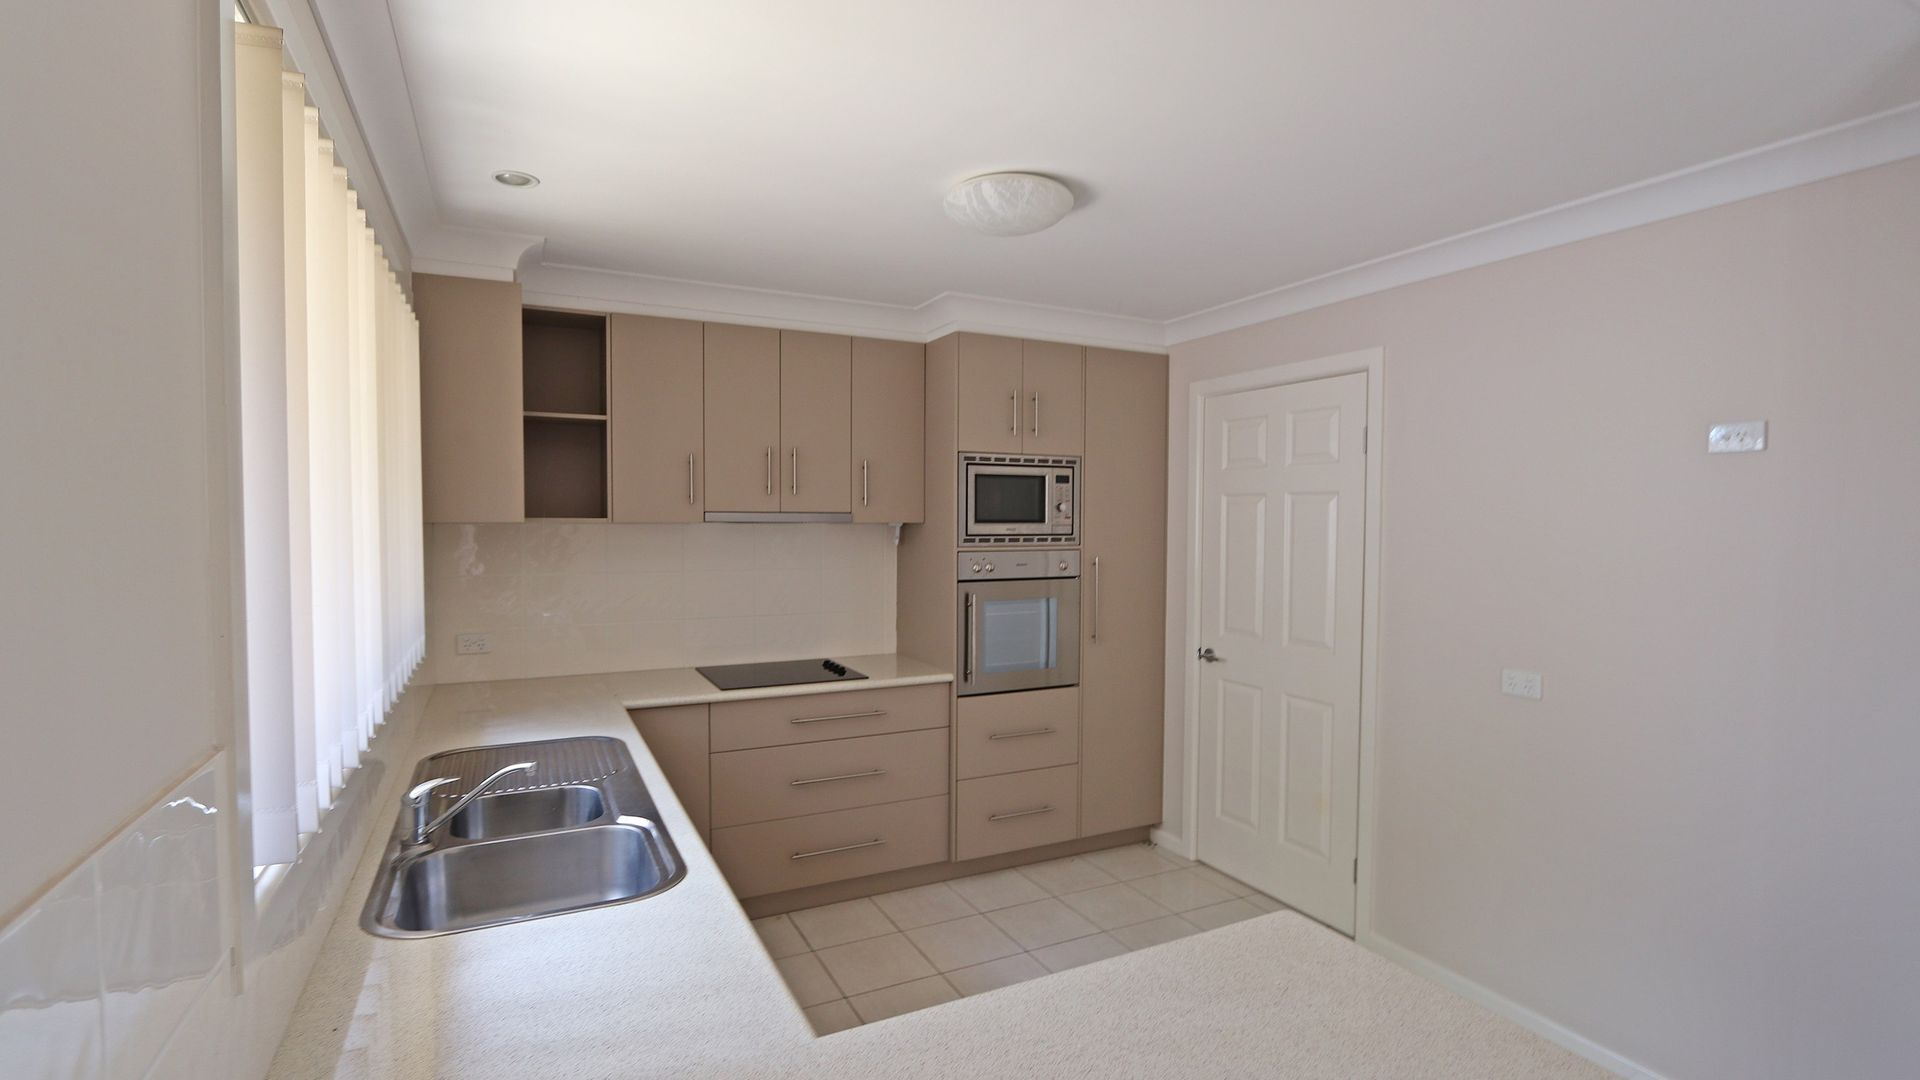 89-93 Winton Street - Unit 7, Tumbarumba NSW 2653, Image 2